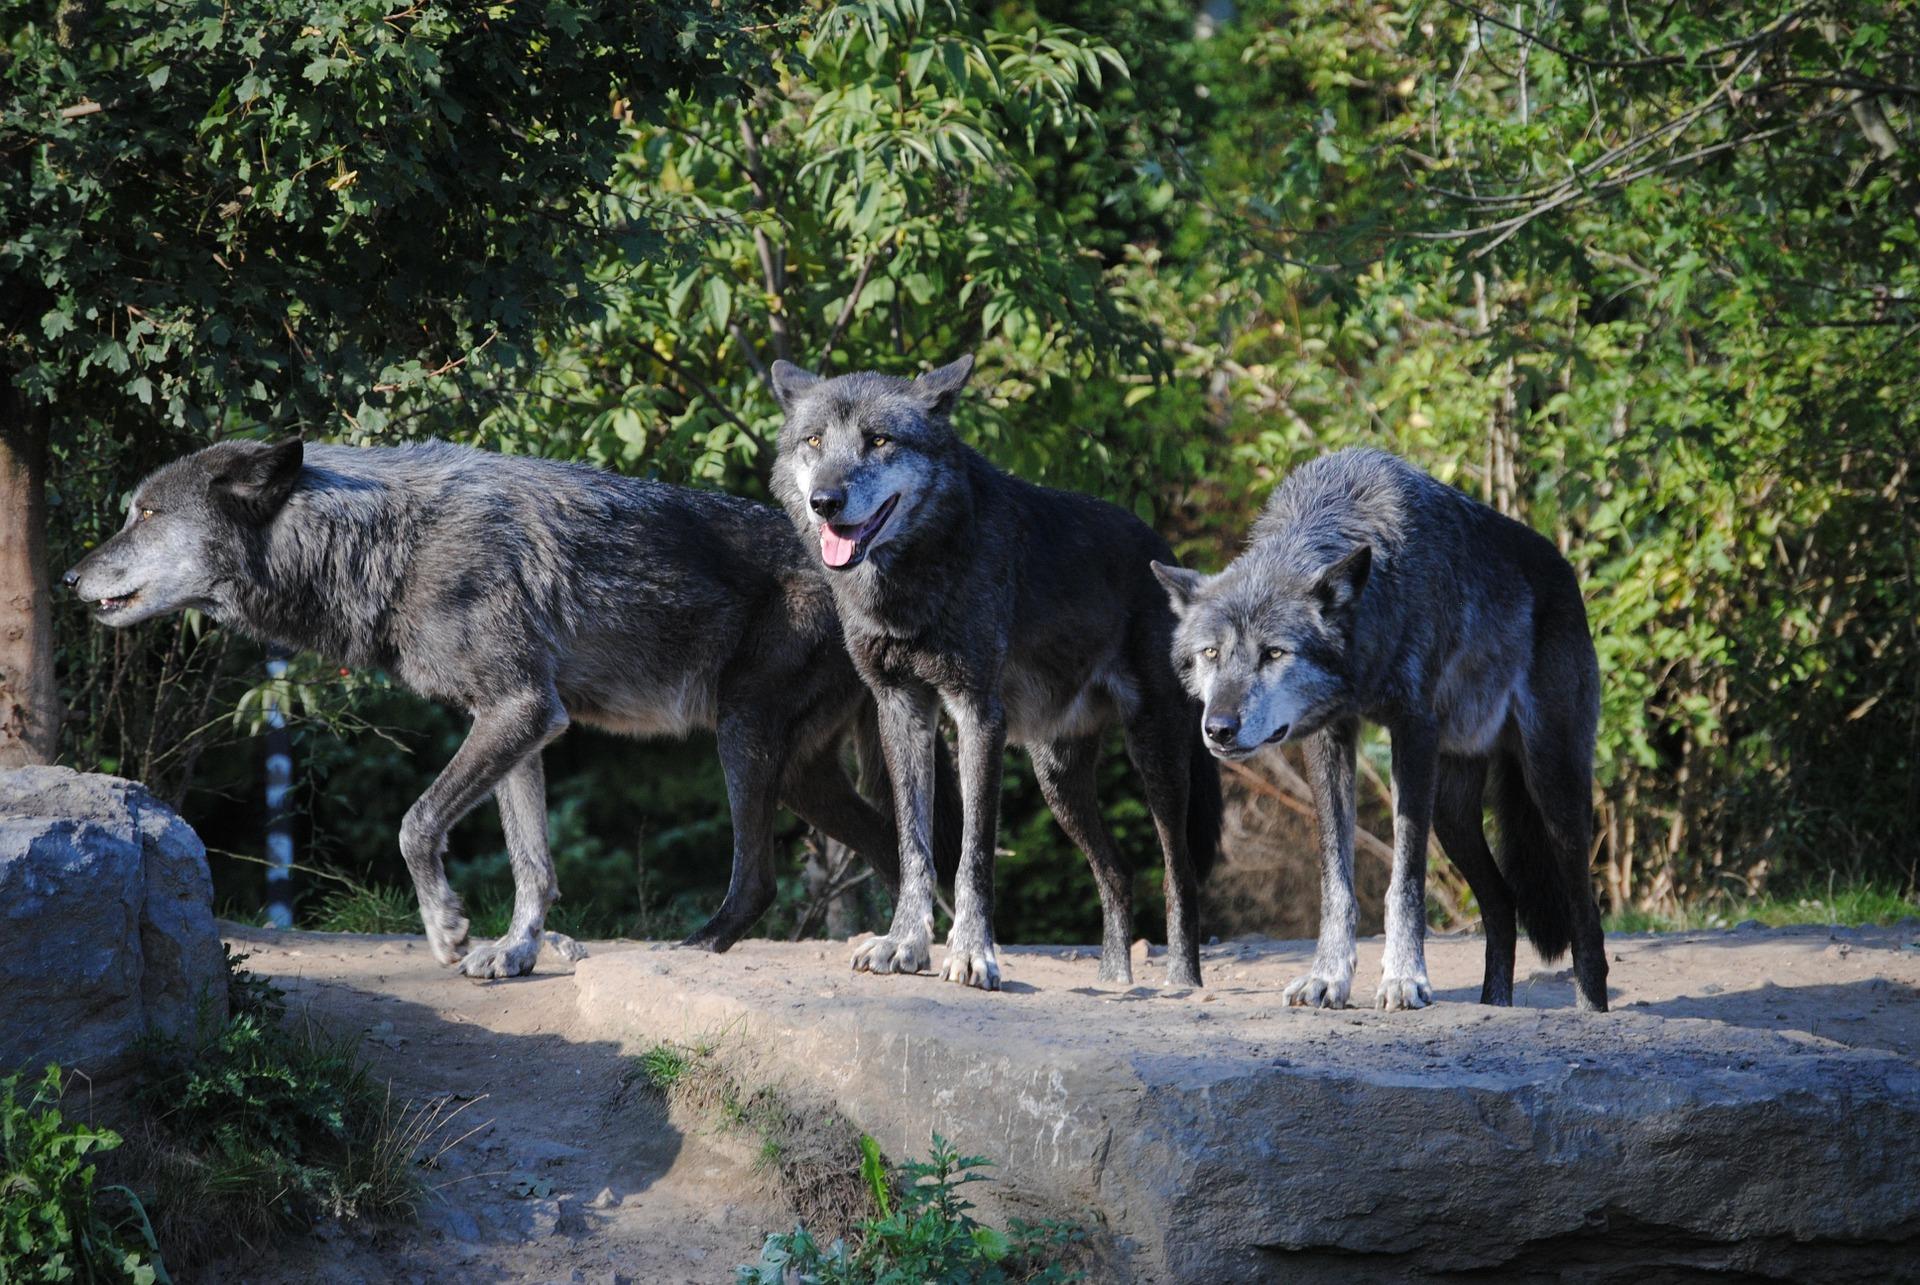 Meutes de loup dans son habitat naturel